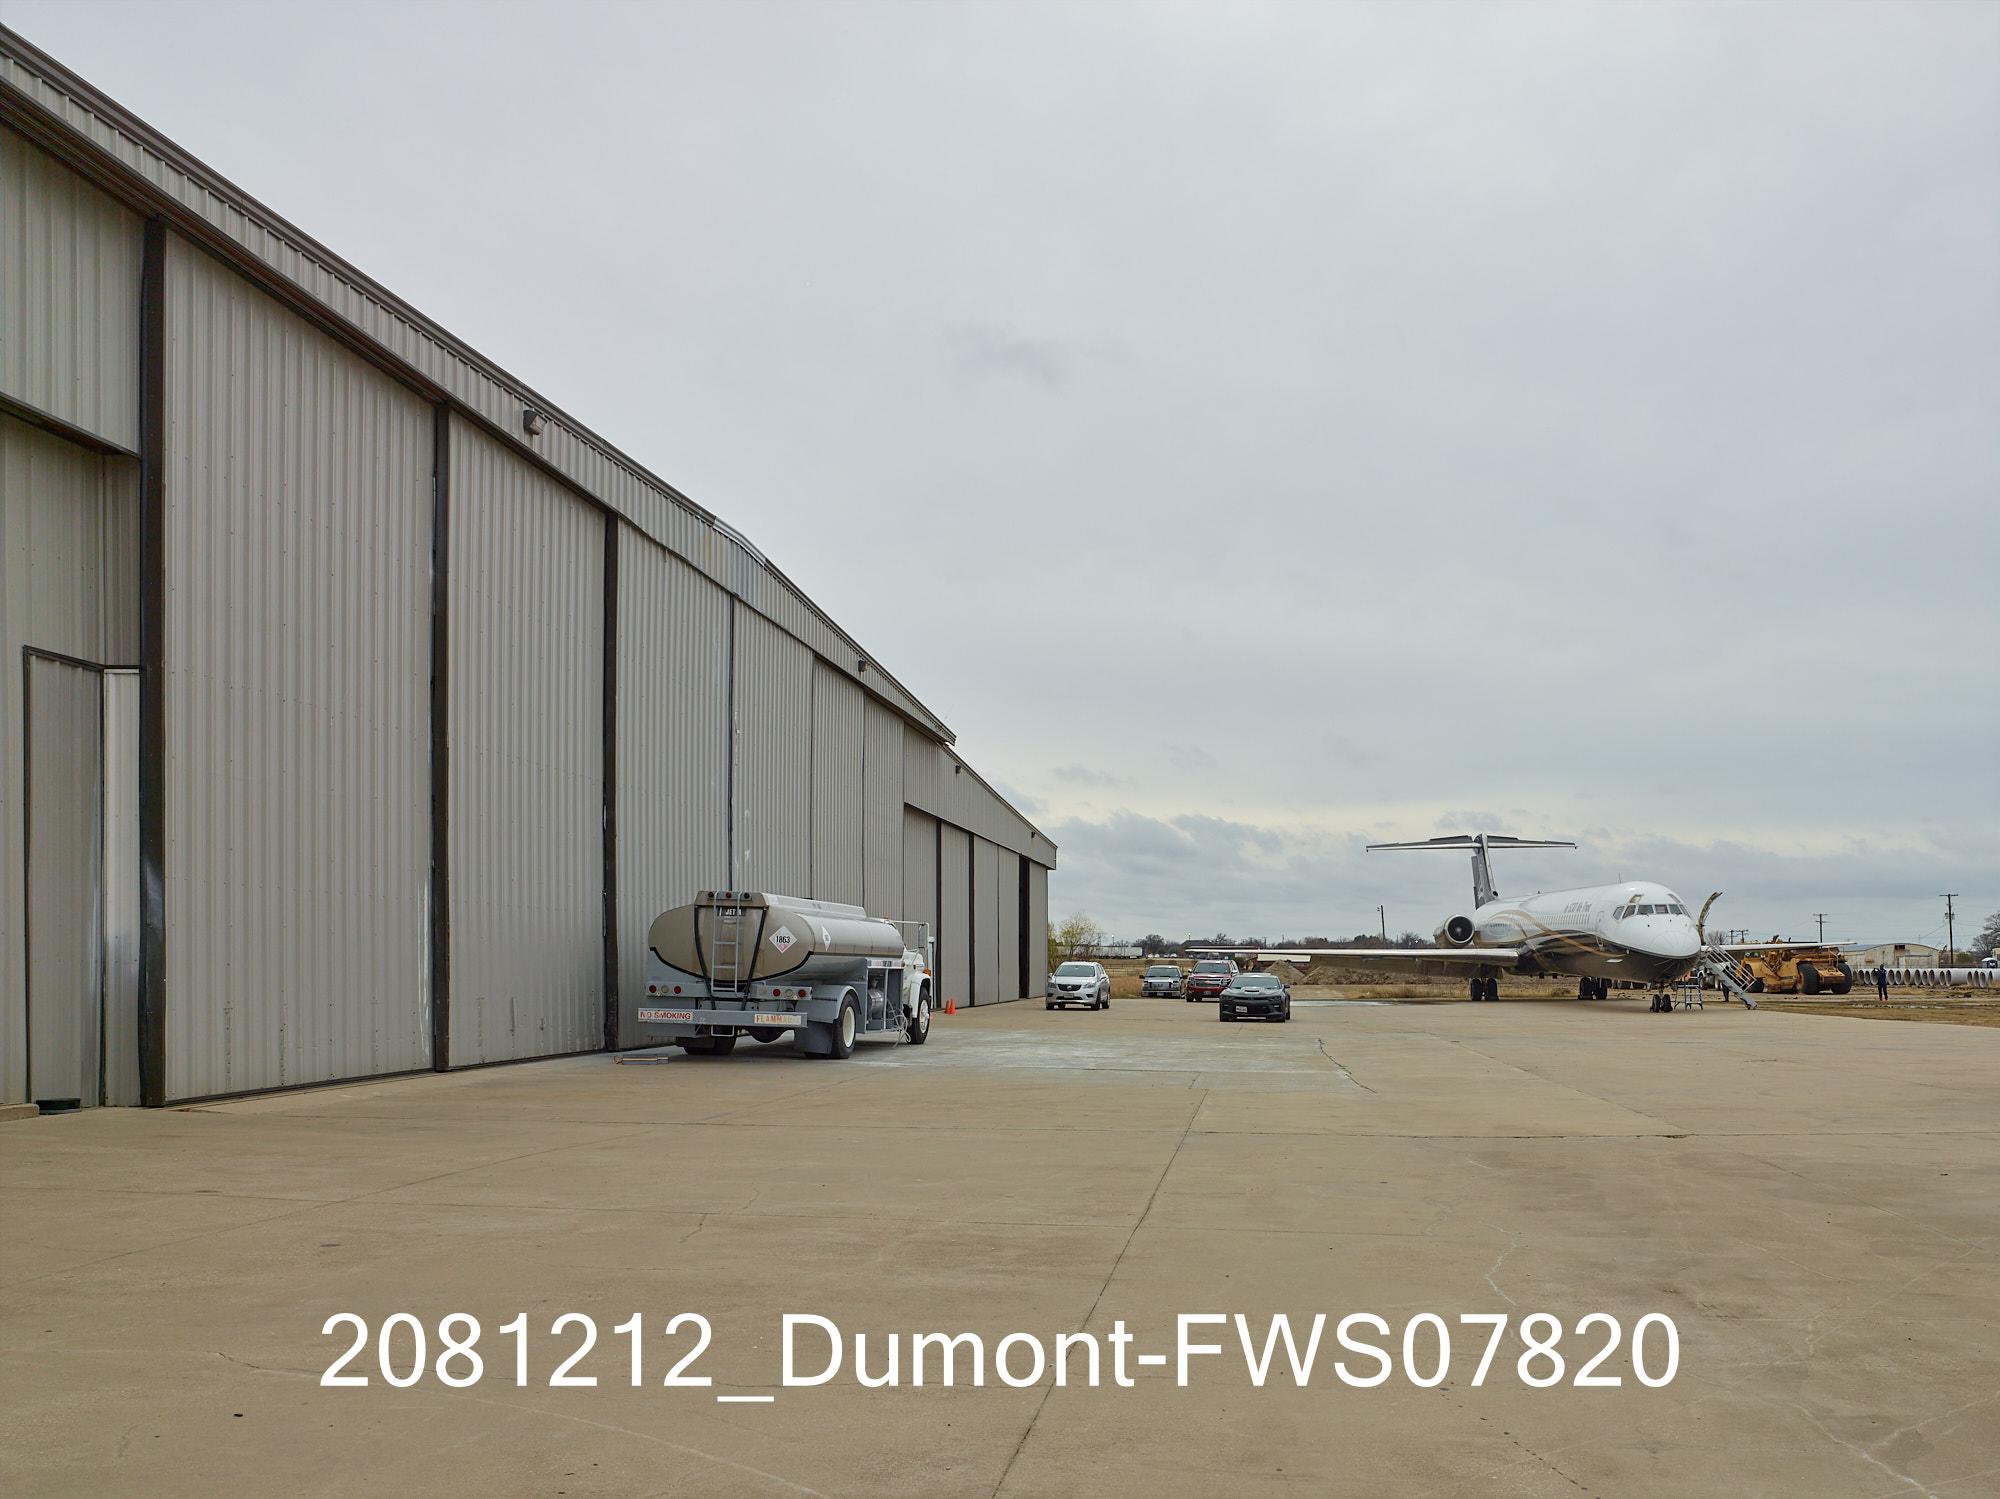 2081212_Dumont-FWS07820.jpg